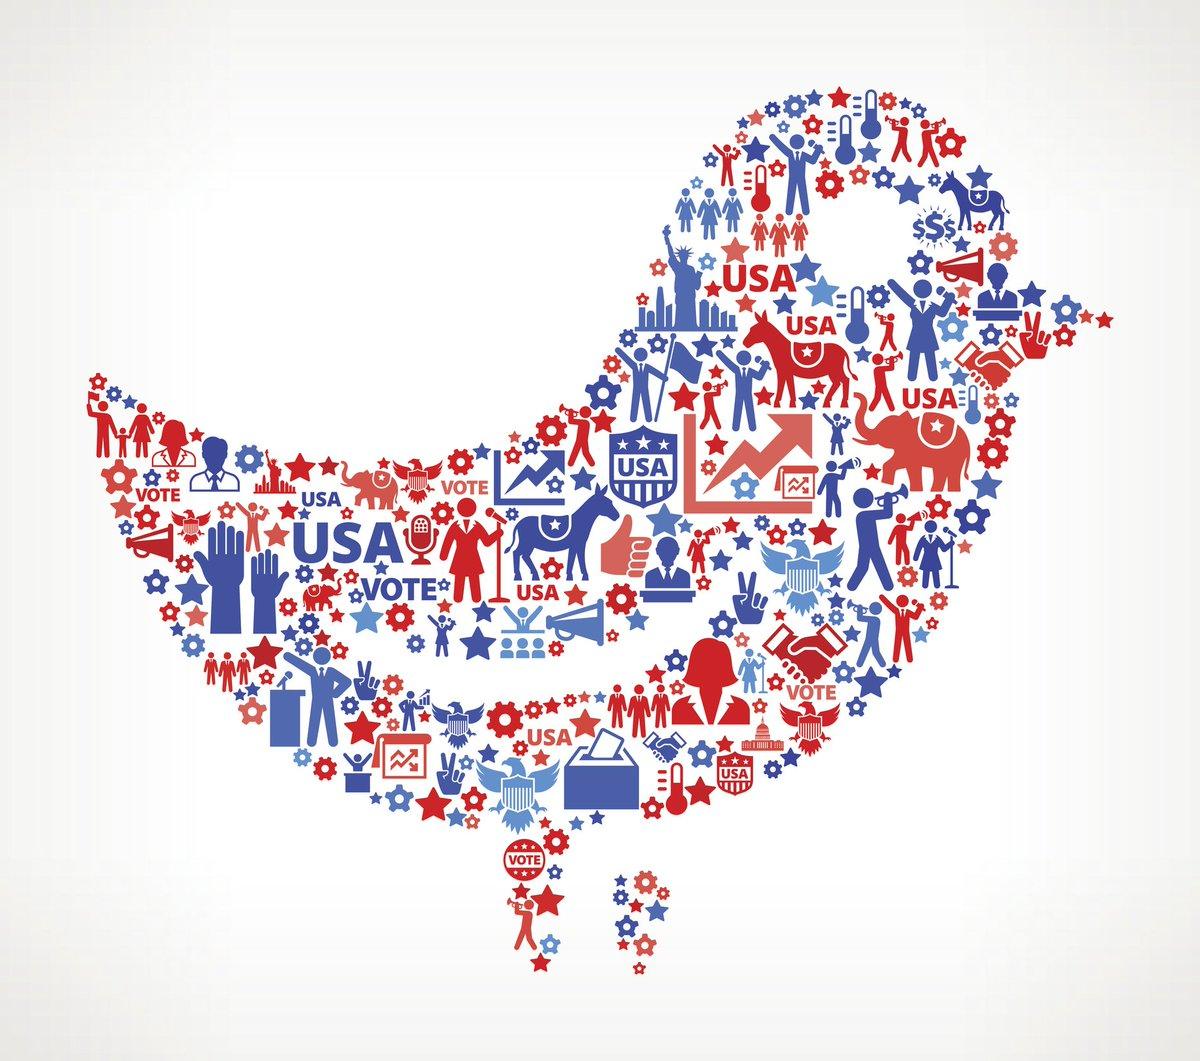 EN @asilascosasw | #Twitter, ¿Red Social? ¿Tendencias #TT ? ¿#Hashtag ? ¿Seguidores?Para platicar @Pizu y @HugoRodriguezN  de Política Pública en @TwitterMexico y @TwitterLatAm Pregunten todas sus inquietudes en #AsíLasCosasW 8:00 amhttp://bit.ly/WRadioAlAire